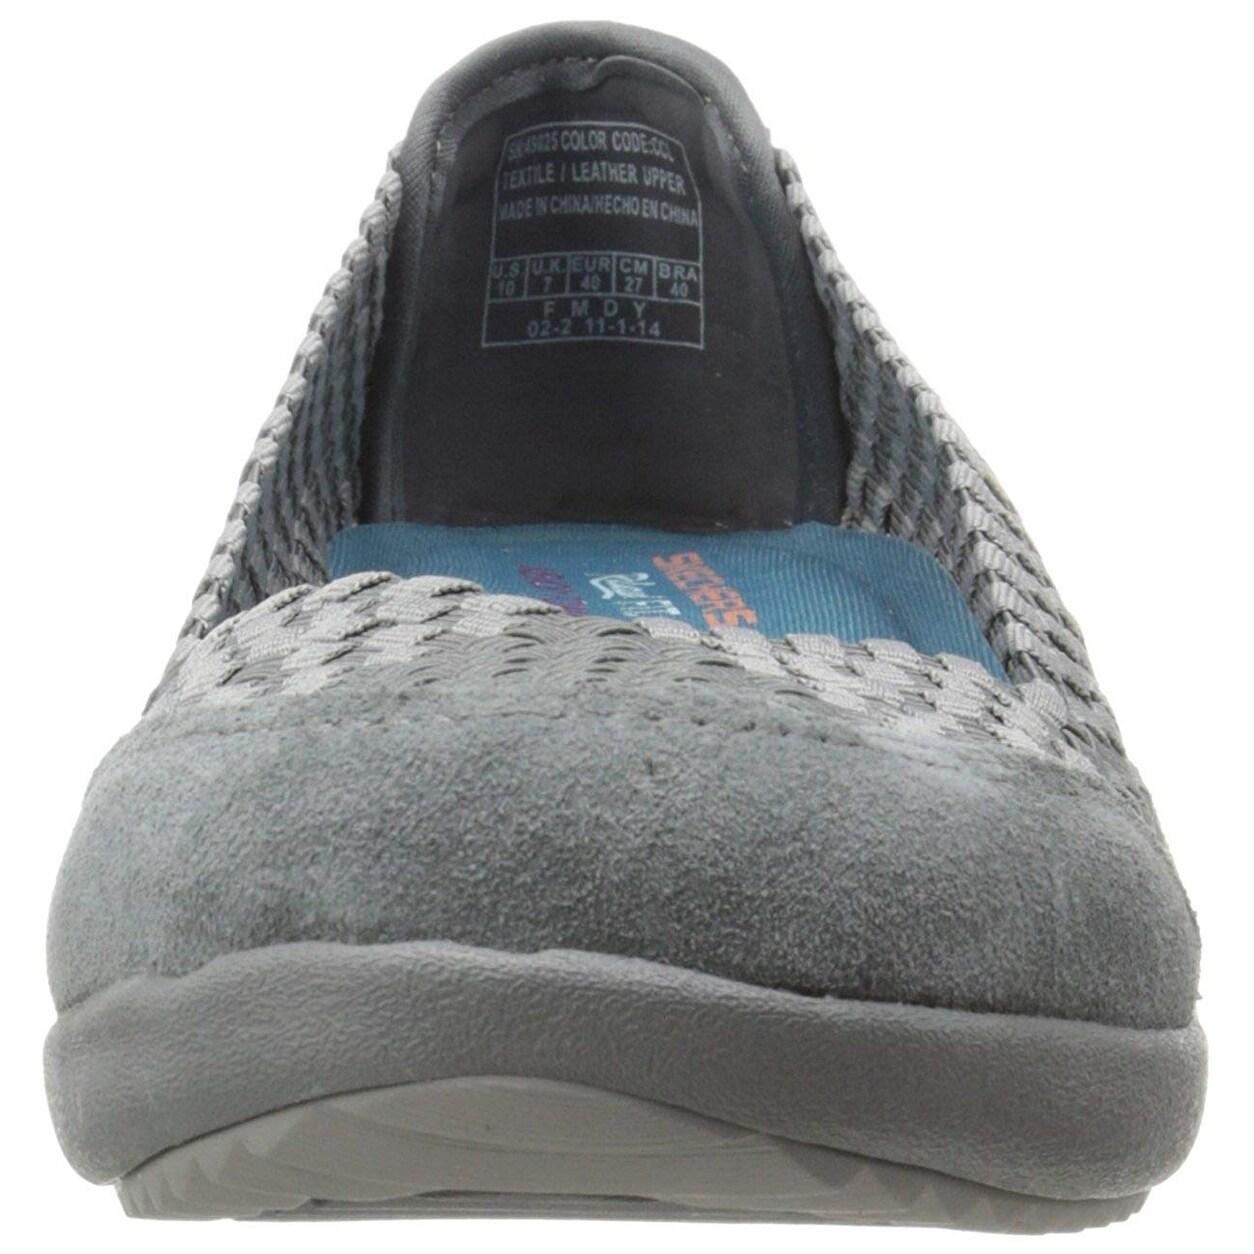 Skechers Women's Savor Just Weave It Walking Shoe,Charcoal,9 M Us